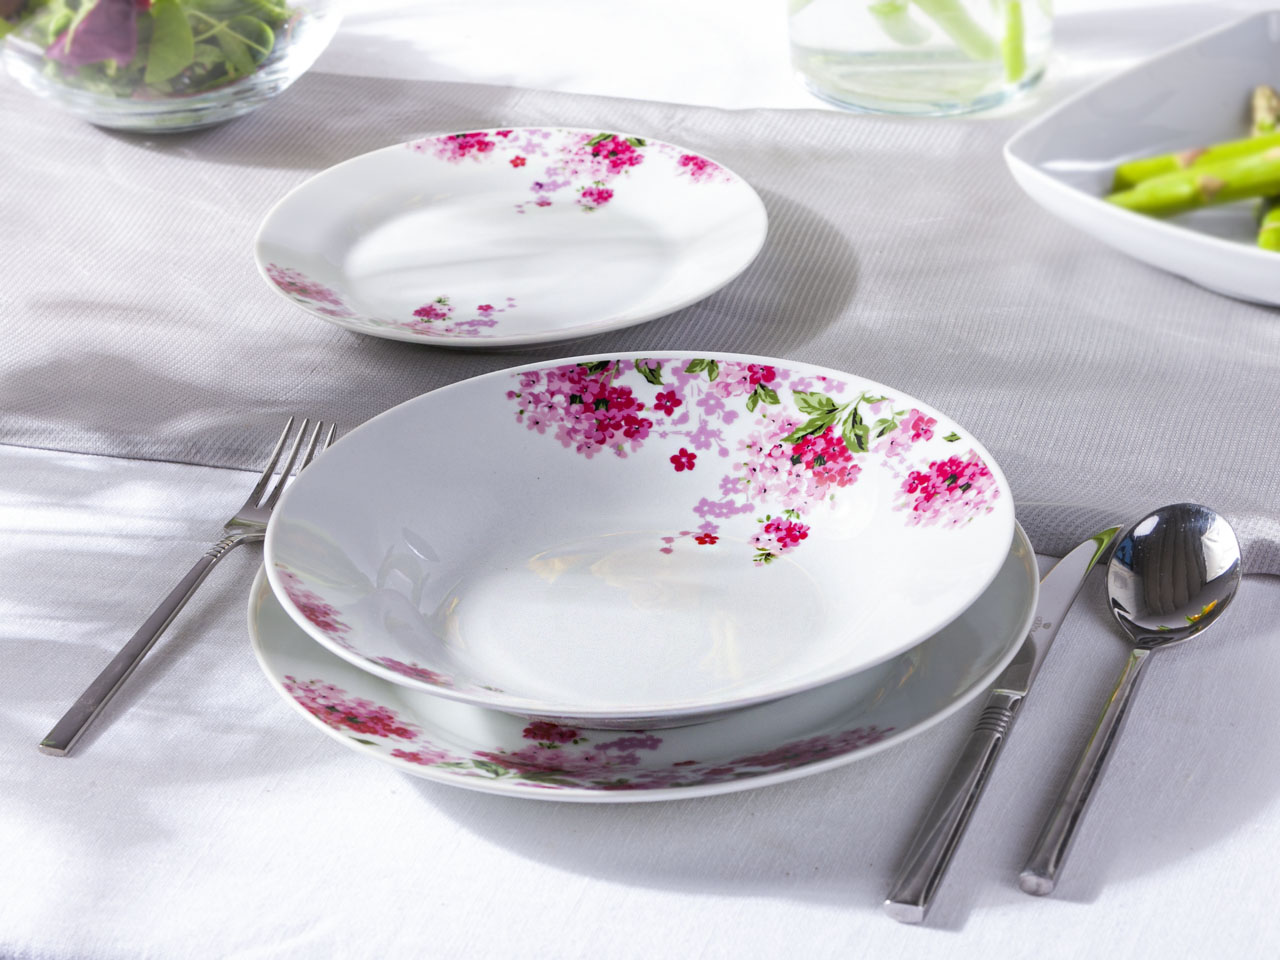 Zestaw obiadowy dla 6 osób Altom Design Diana (18 elementów)